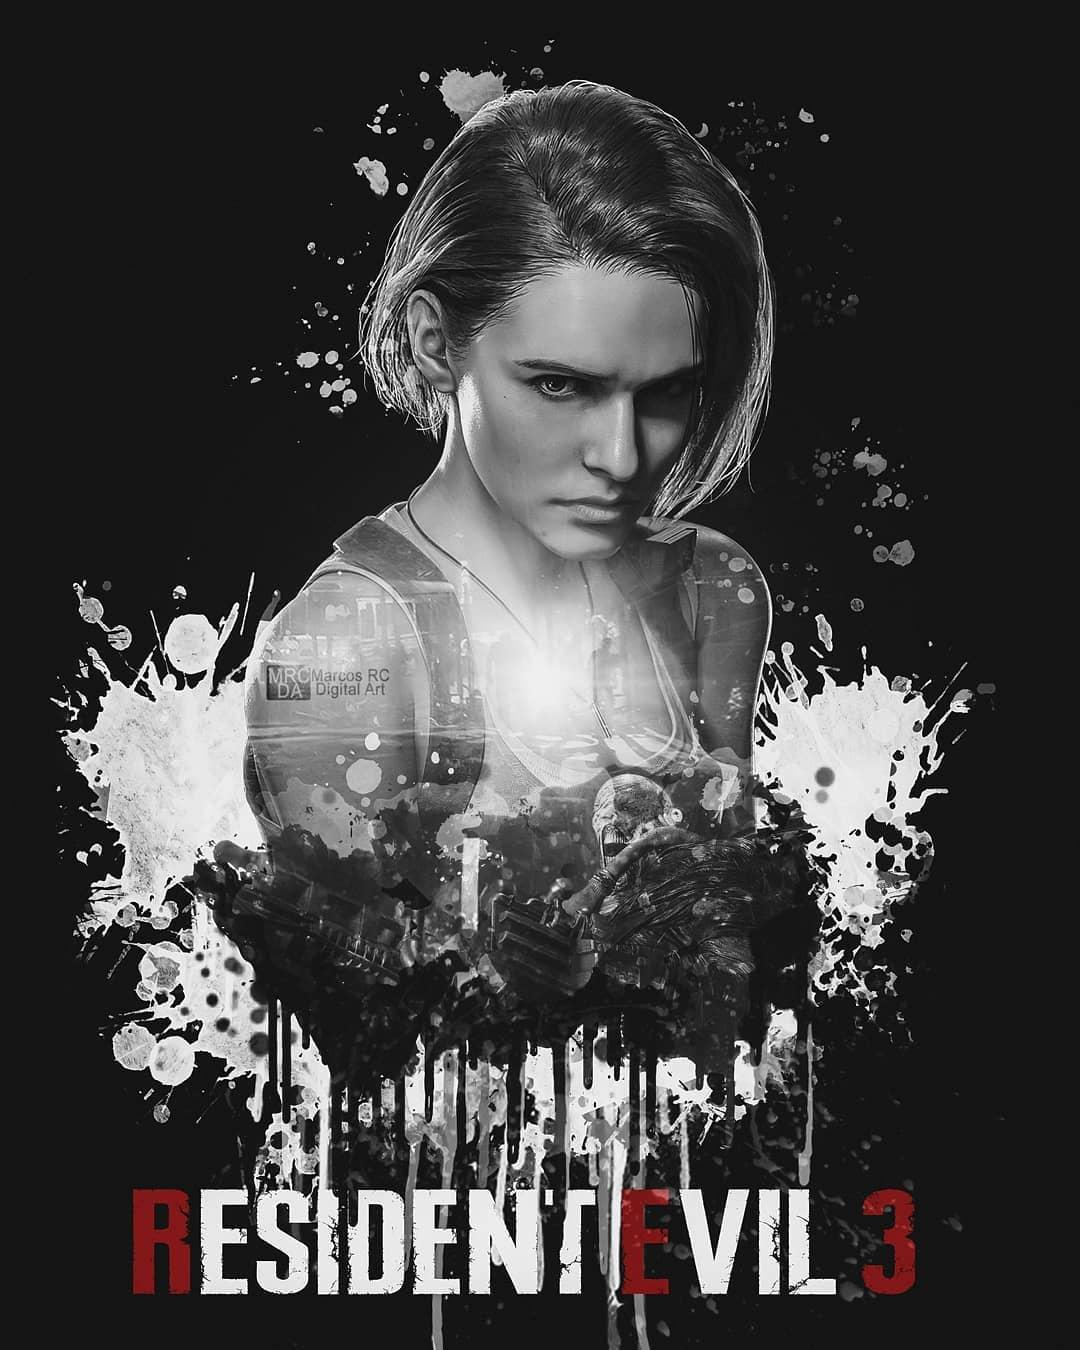 1587205900_90091303_207507500353317_1290002473382574032_n.jpg - Resident Evil 3: Nemesis